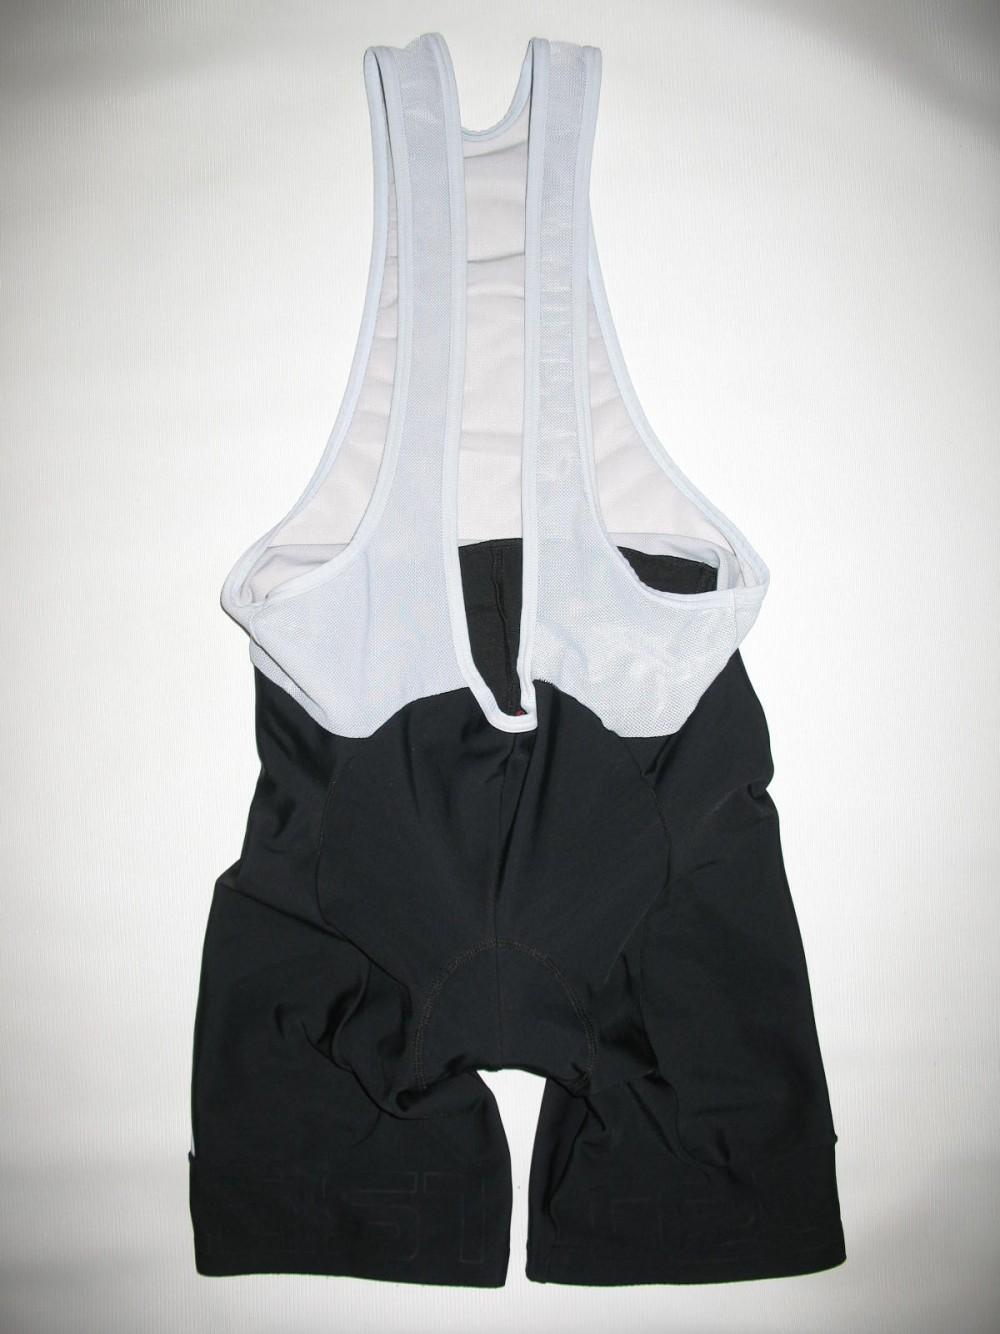 Велошорты CASTELLI kiss cycling bib shorts lady (размер XXL(реально L/M)) - 2